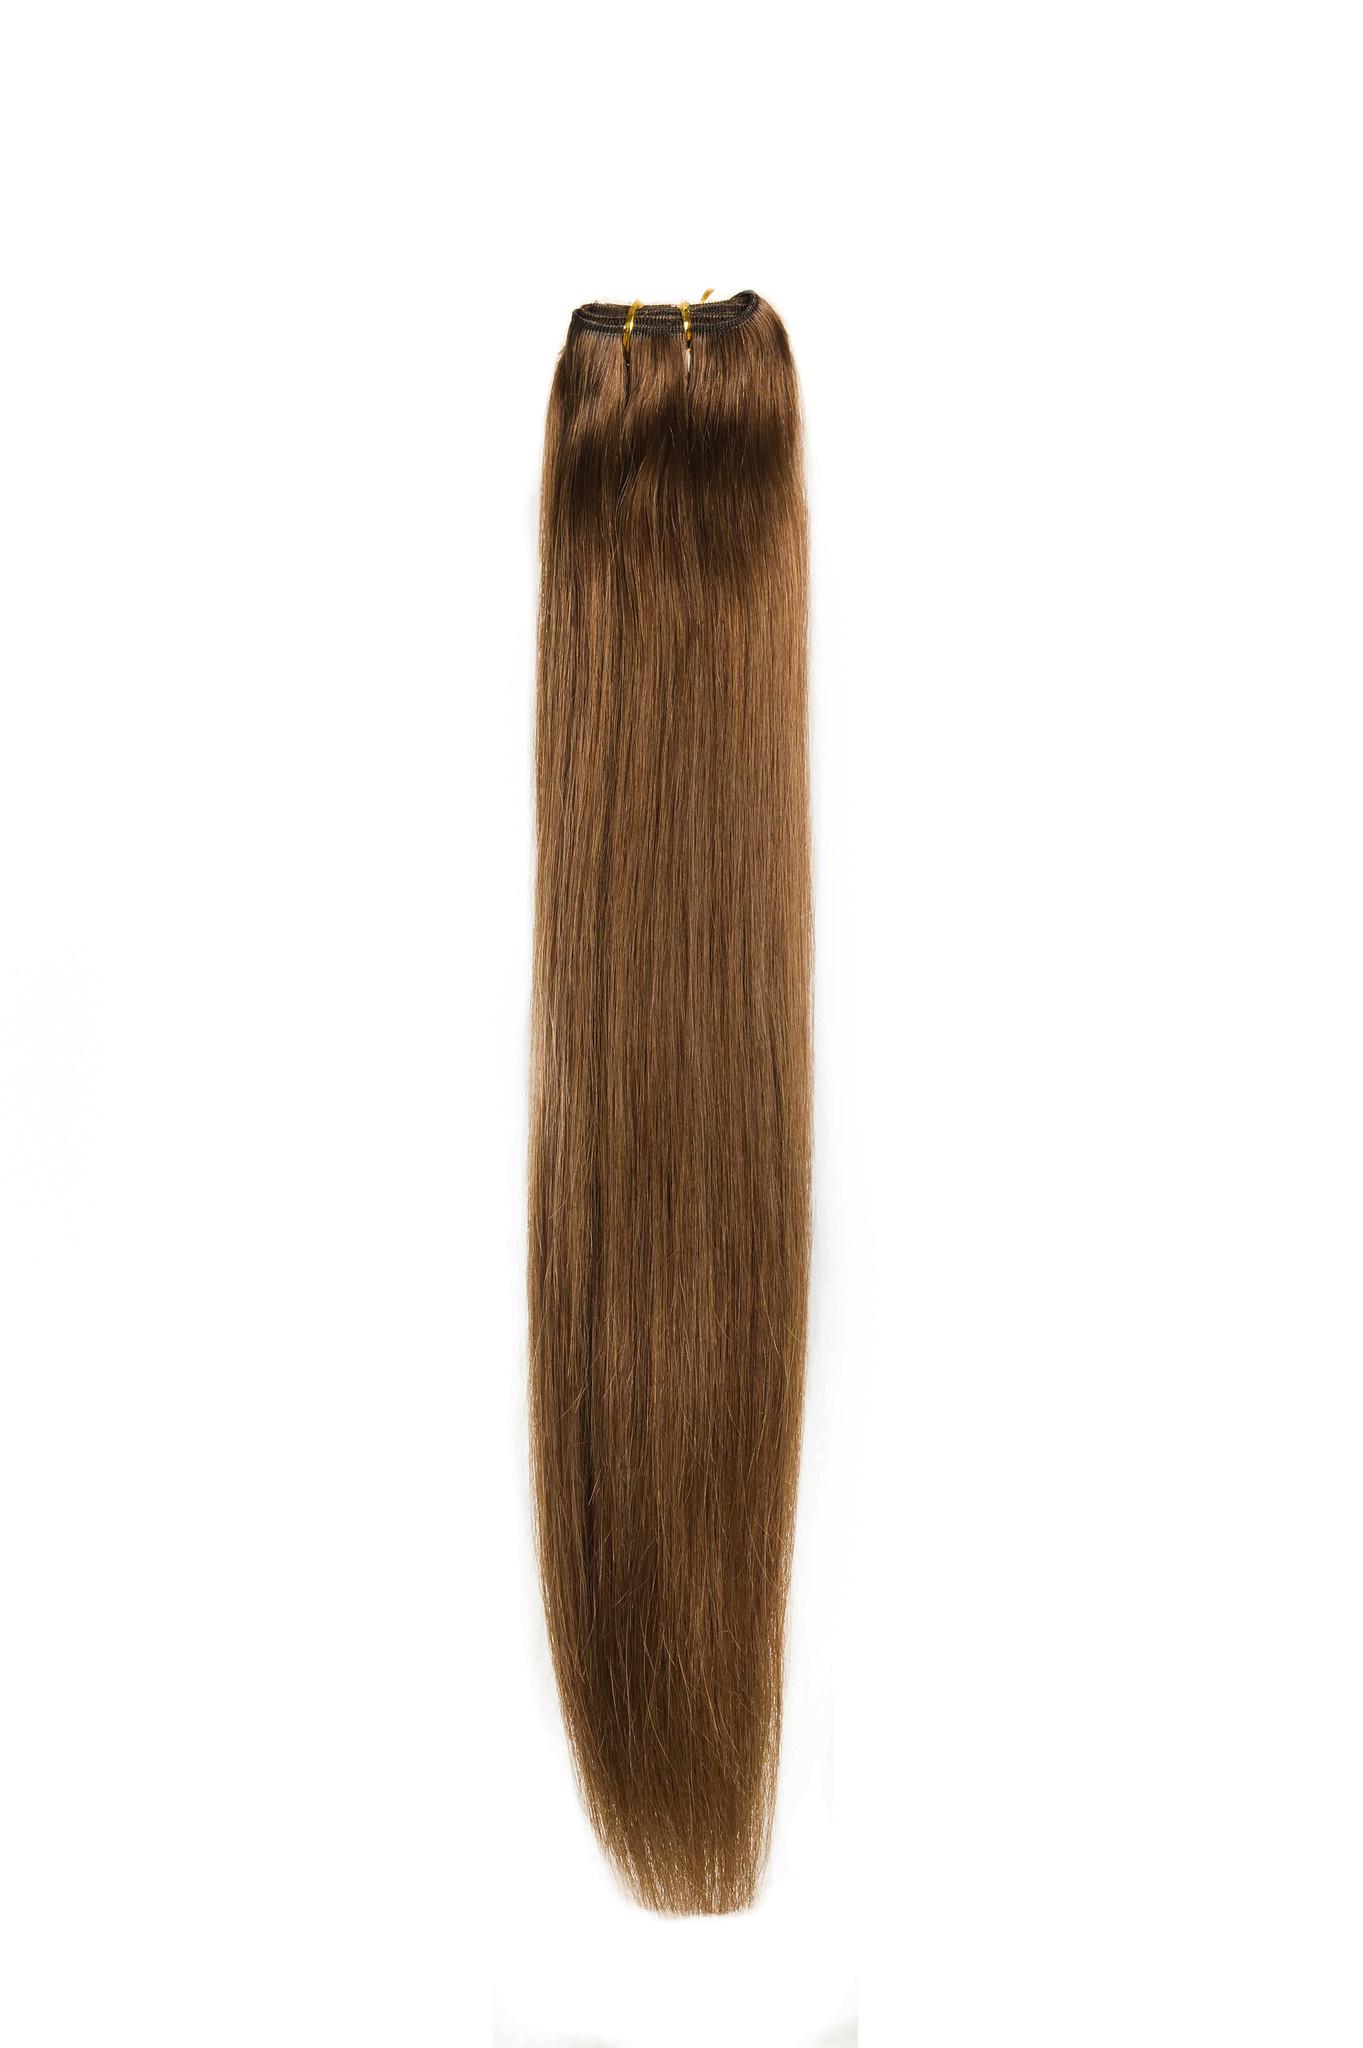 RedFox Weave - #F4 Dark Chestnut Brown